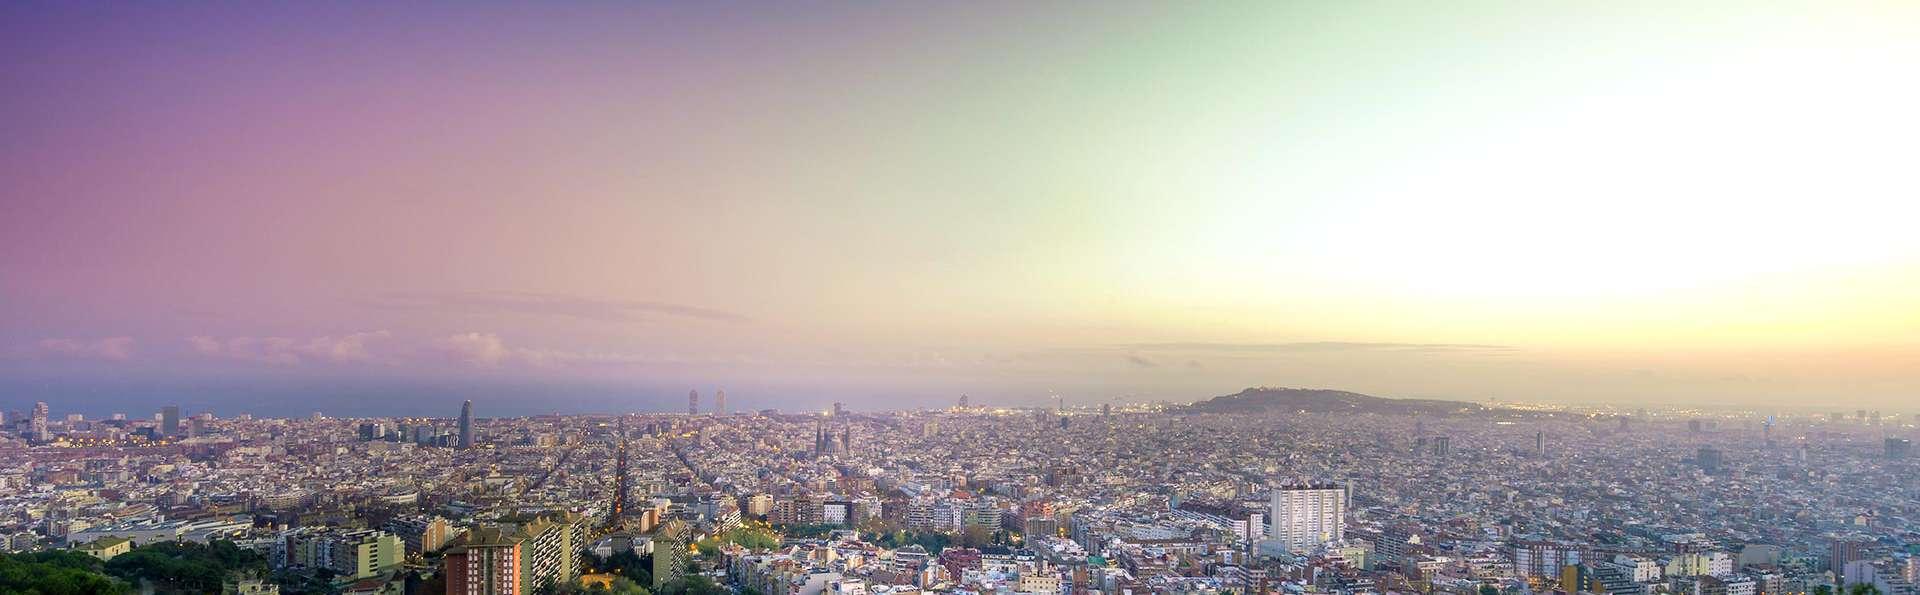 Découvrez Barcelone dans un bel hôtel design à El Born